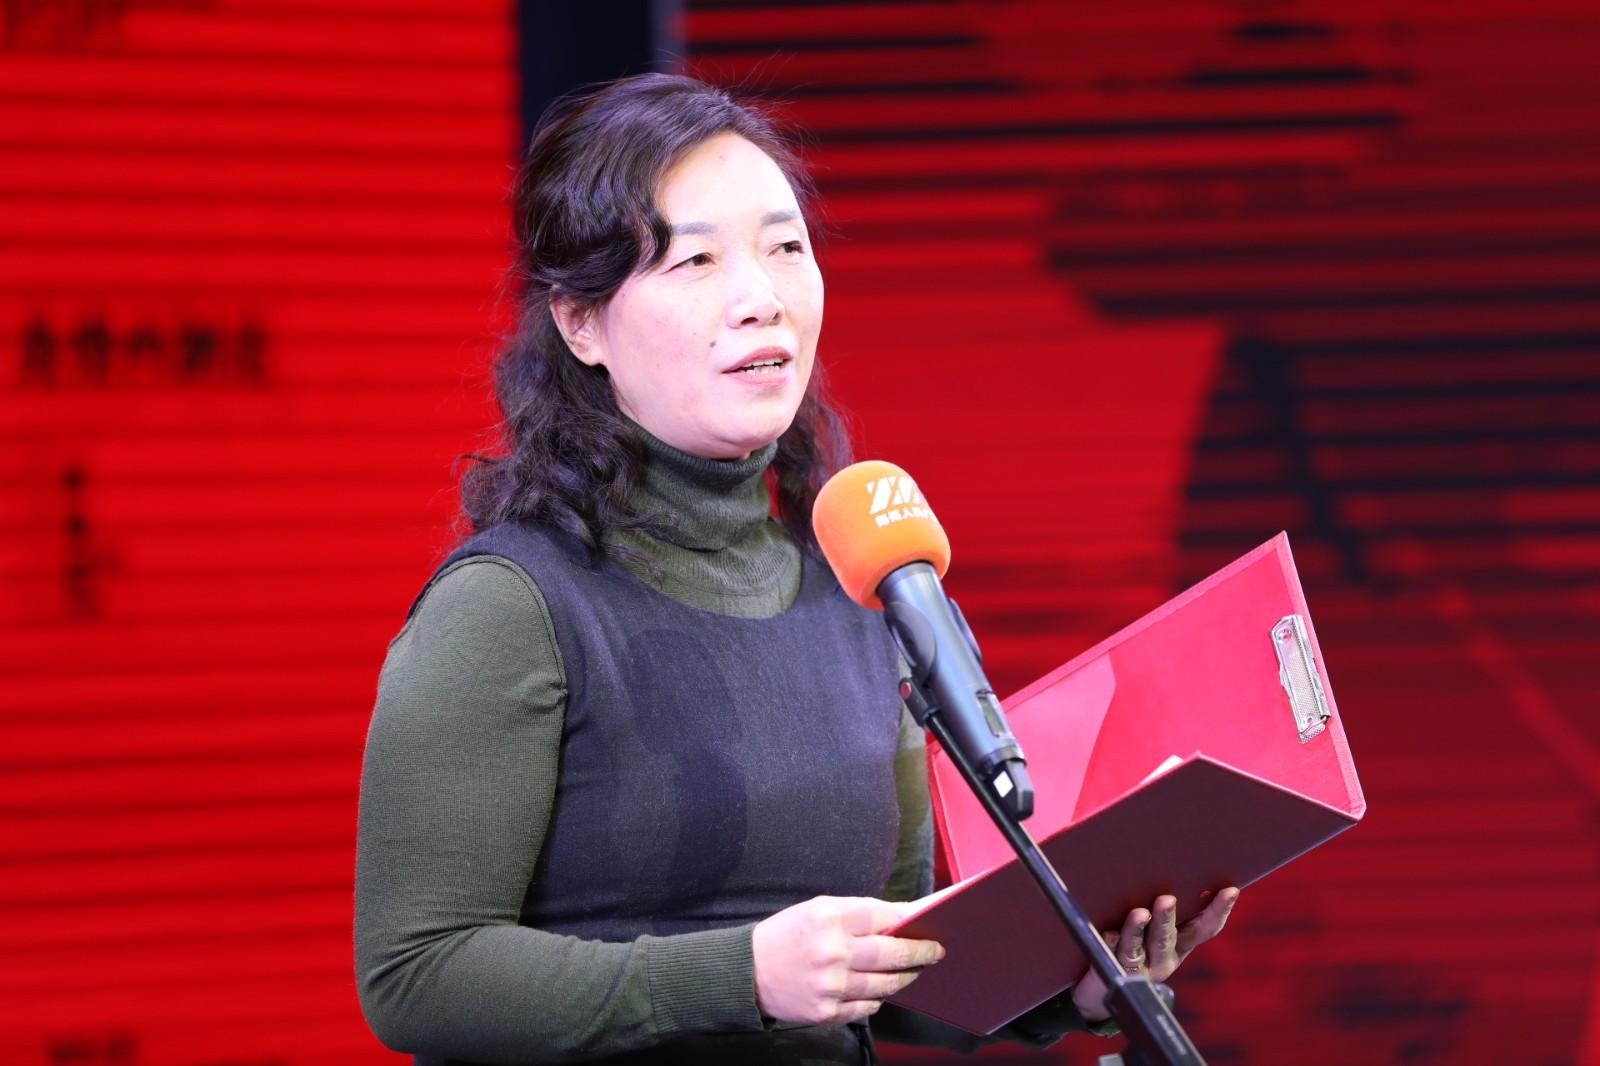 郑州市委宣传部副部长王丽艳致辞并朗诵剧本片段